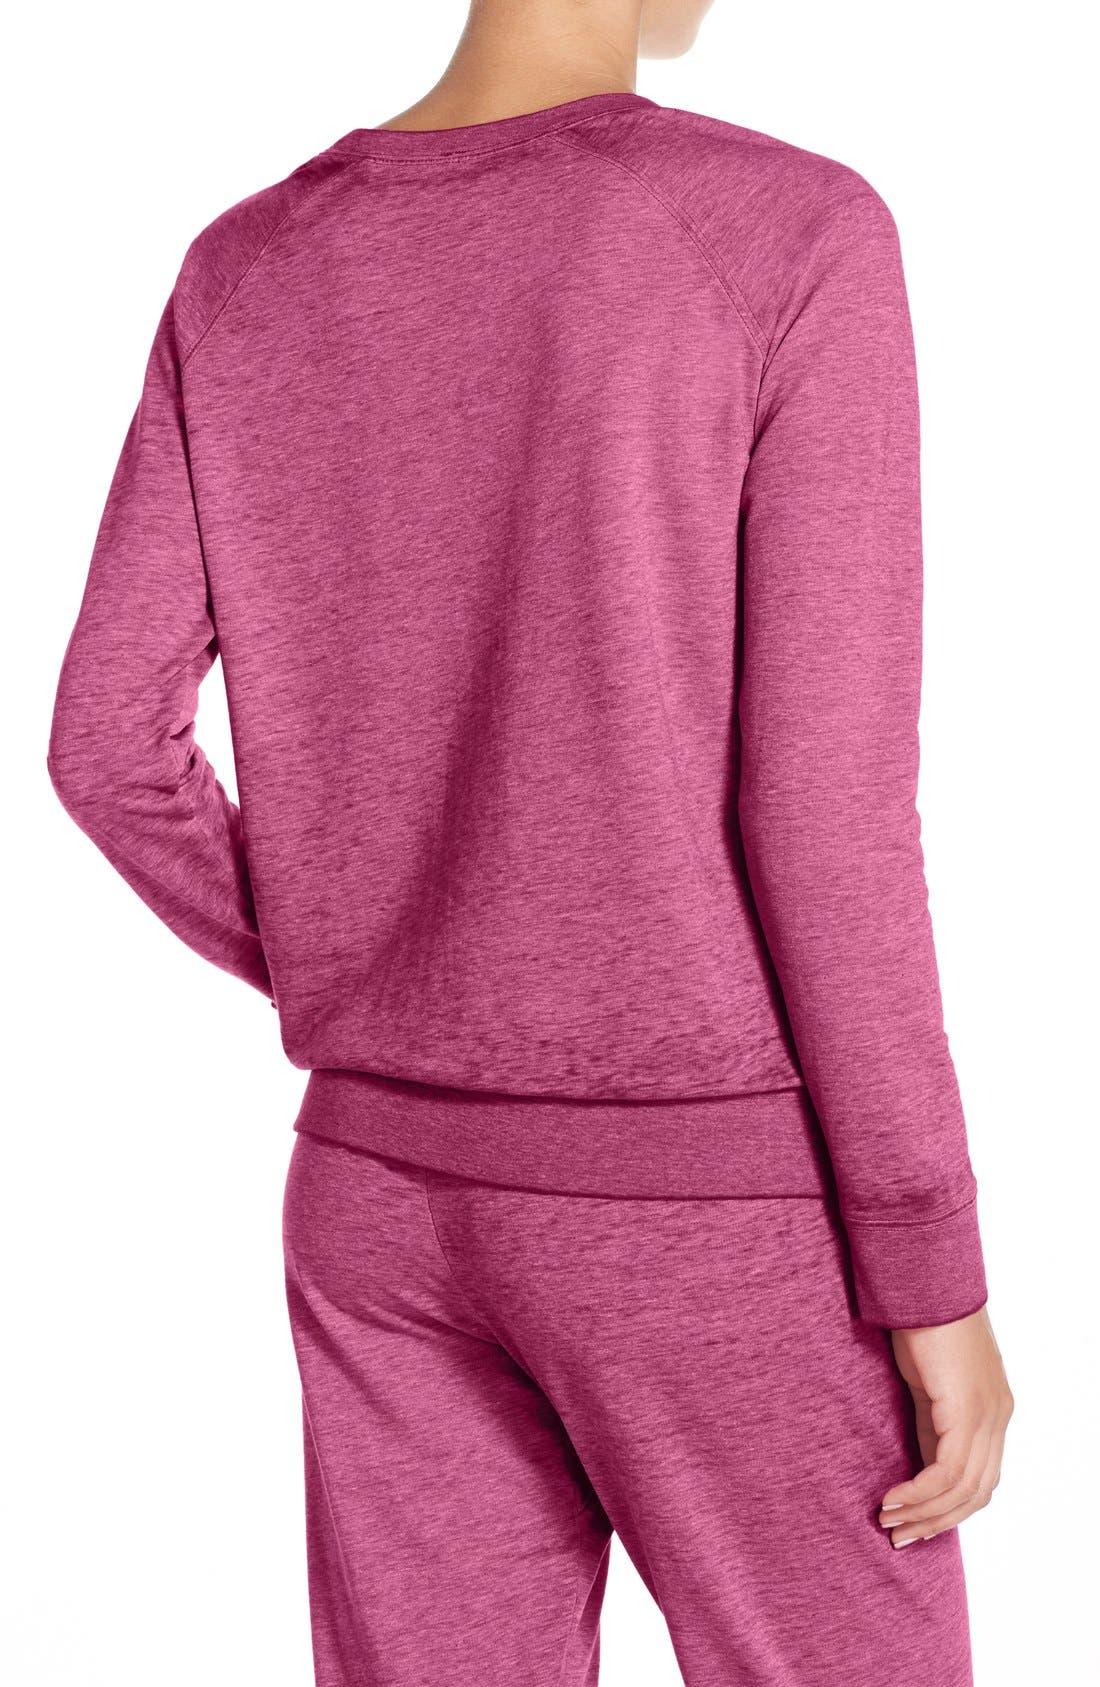 Burnout Lounge Sweatshirt,                             Alternate thumbnail 352, color,